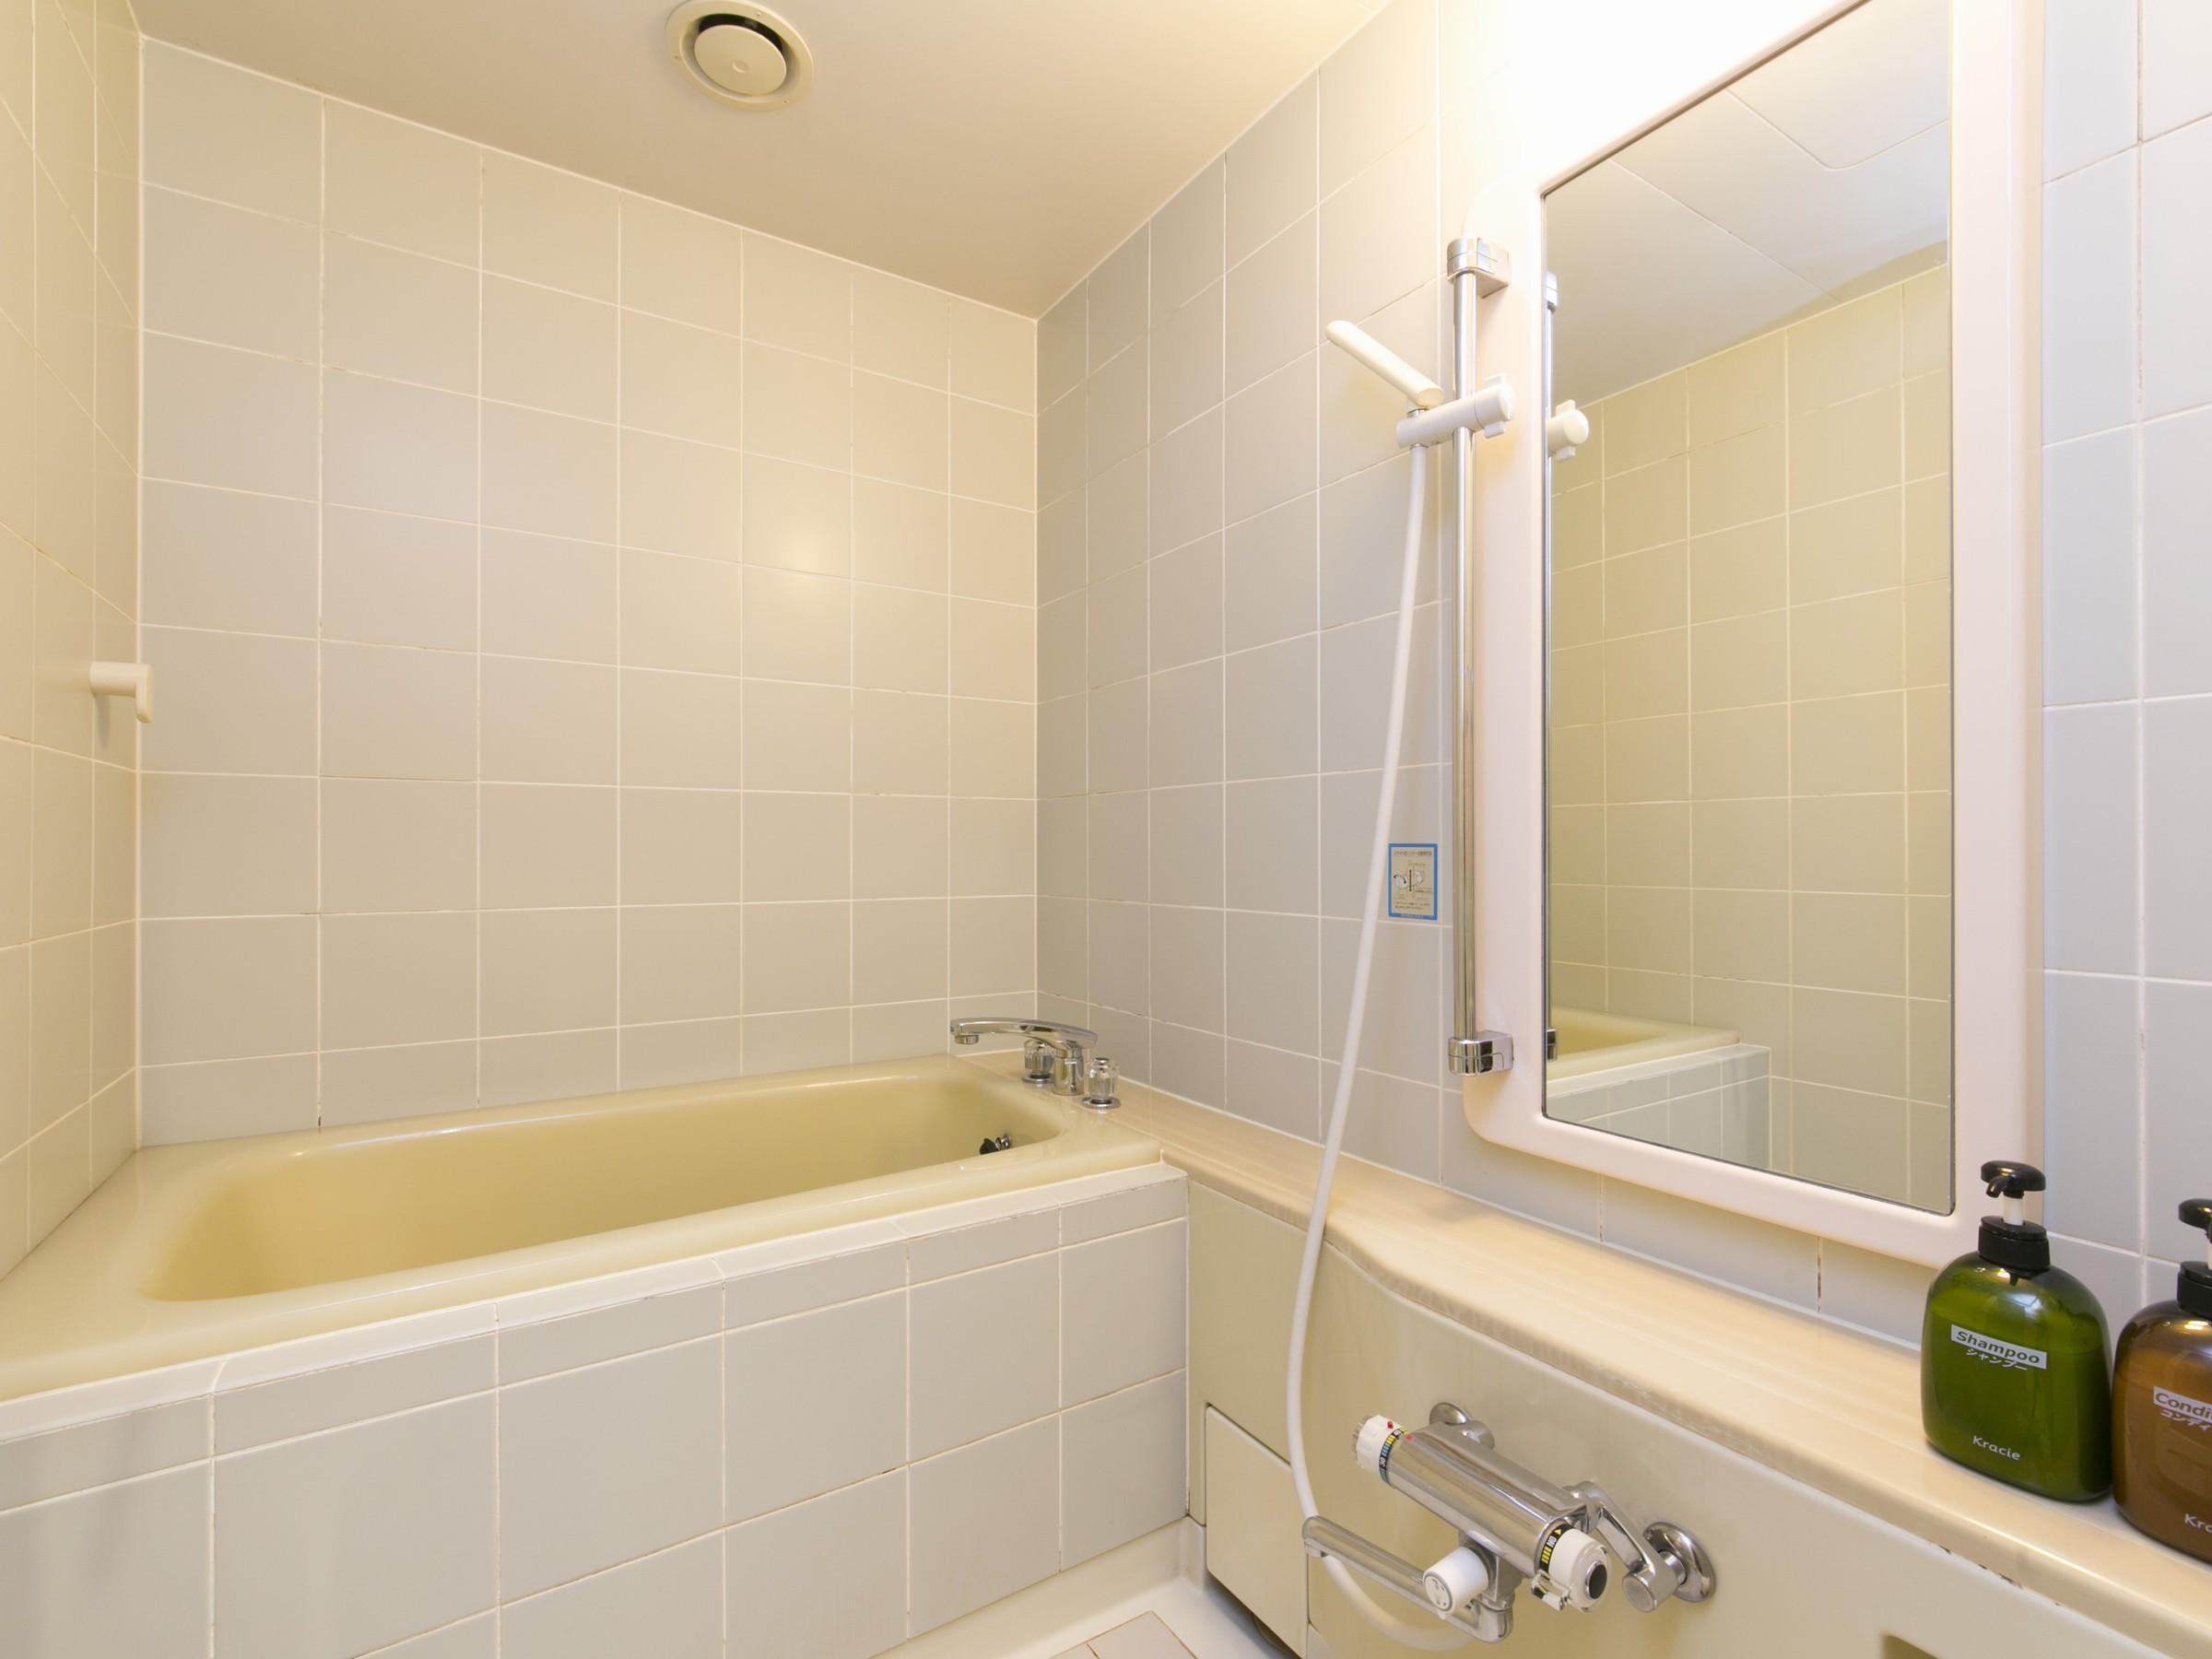 【和室】 禁煙 12畳 バスルーム